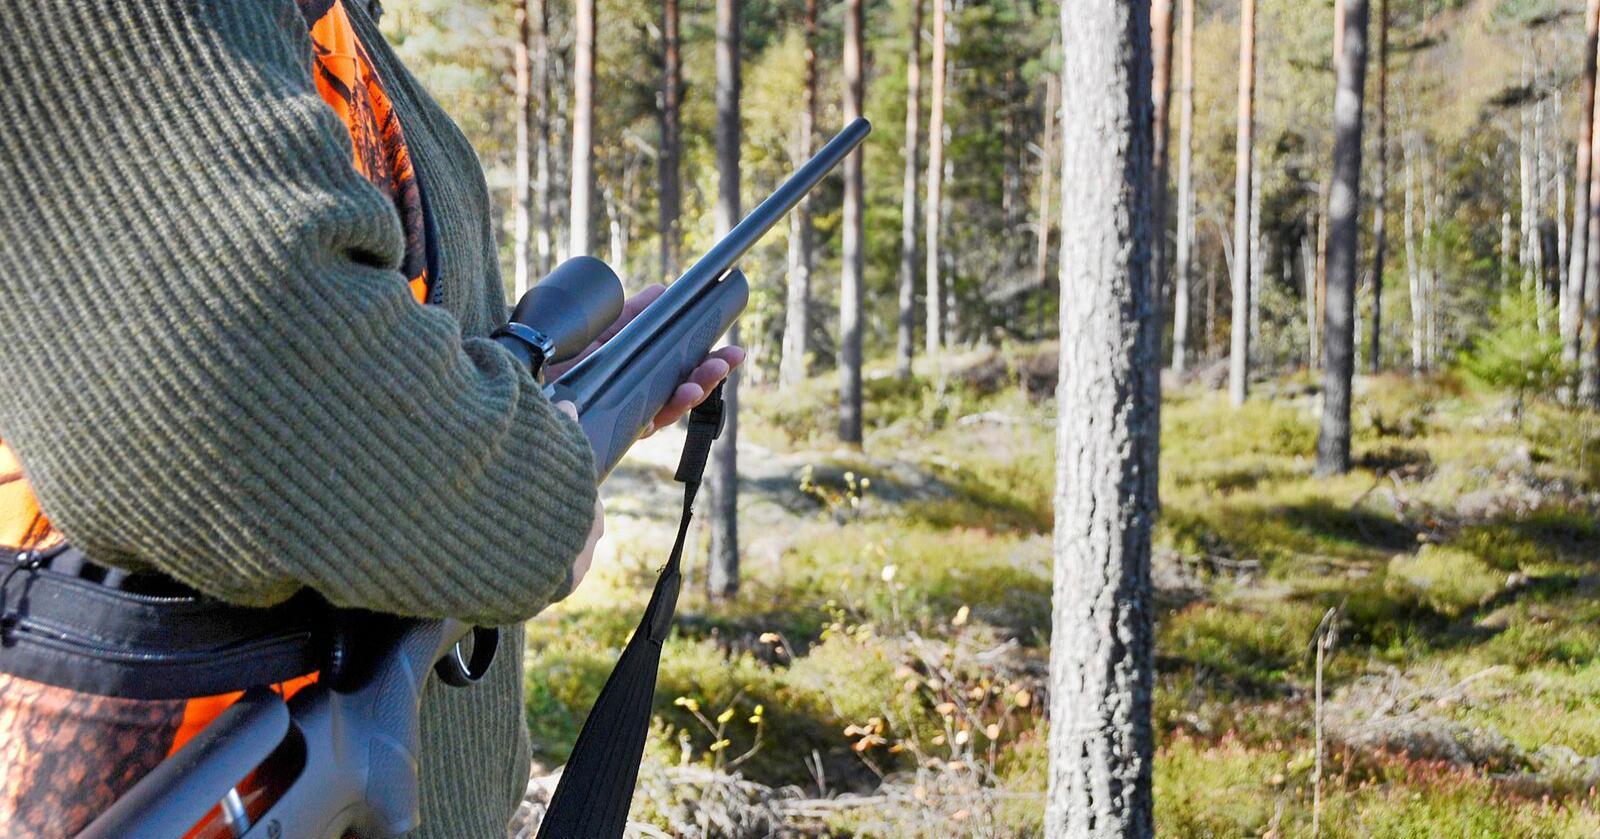 Elgjakta er den tredje mes populære i Norge. Foto: Mariann Tvete